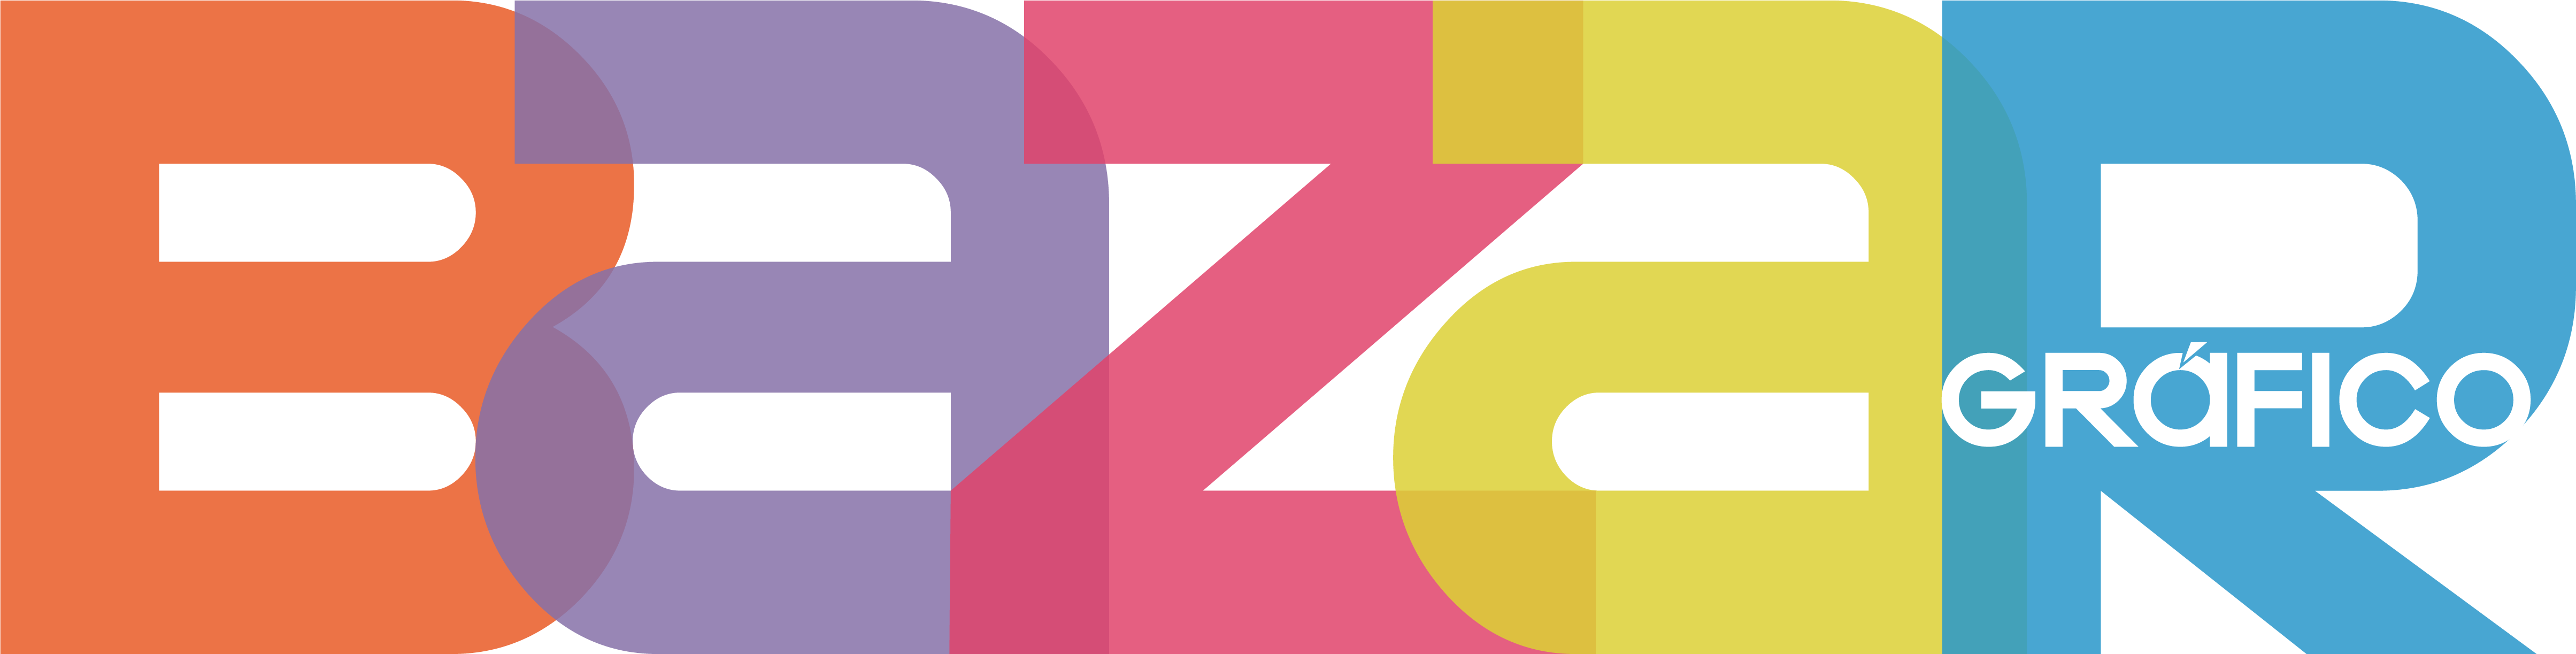 bazar logo bn